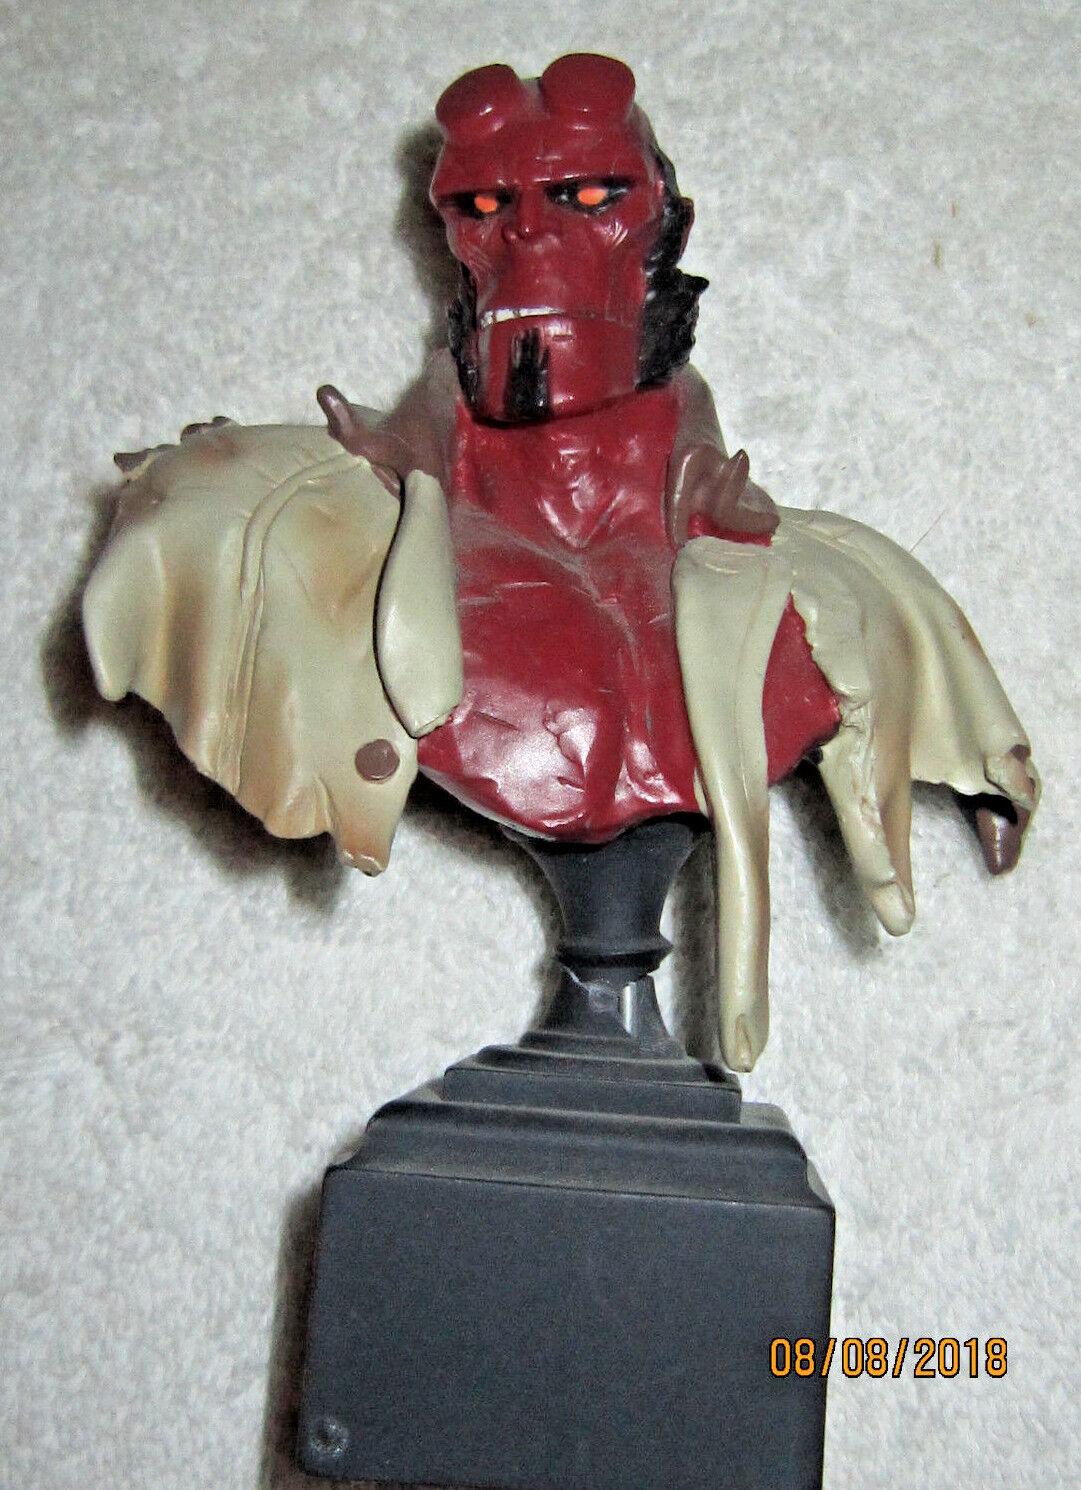 Hellboy abbildung von randy bowen limited edition 2642 3000.mit der kiste.nm.